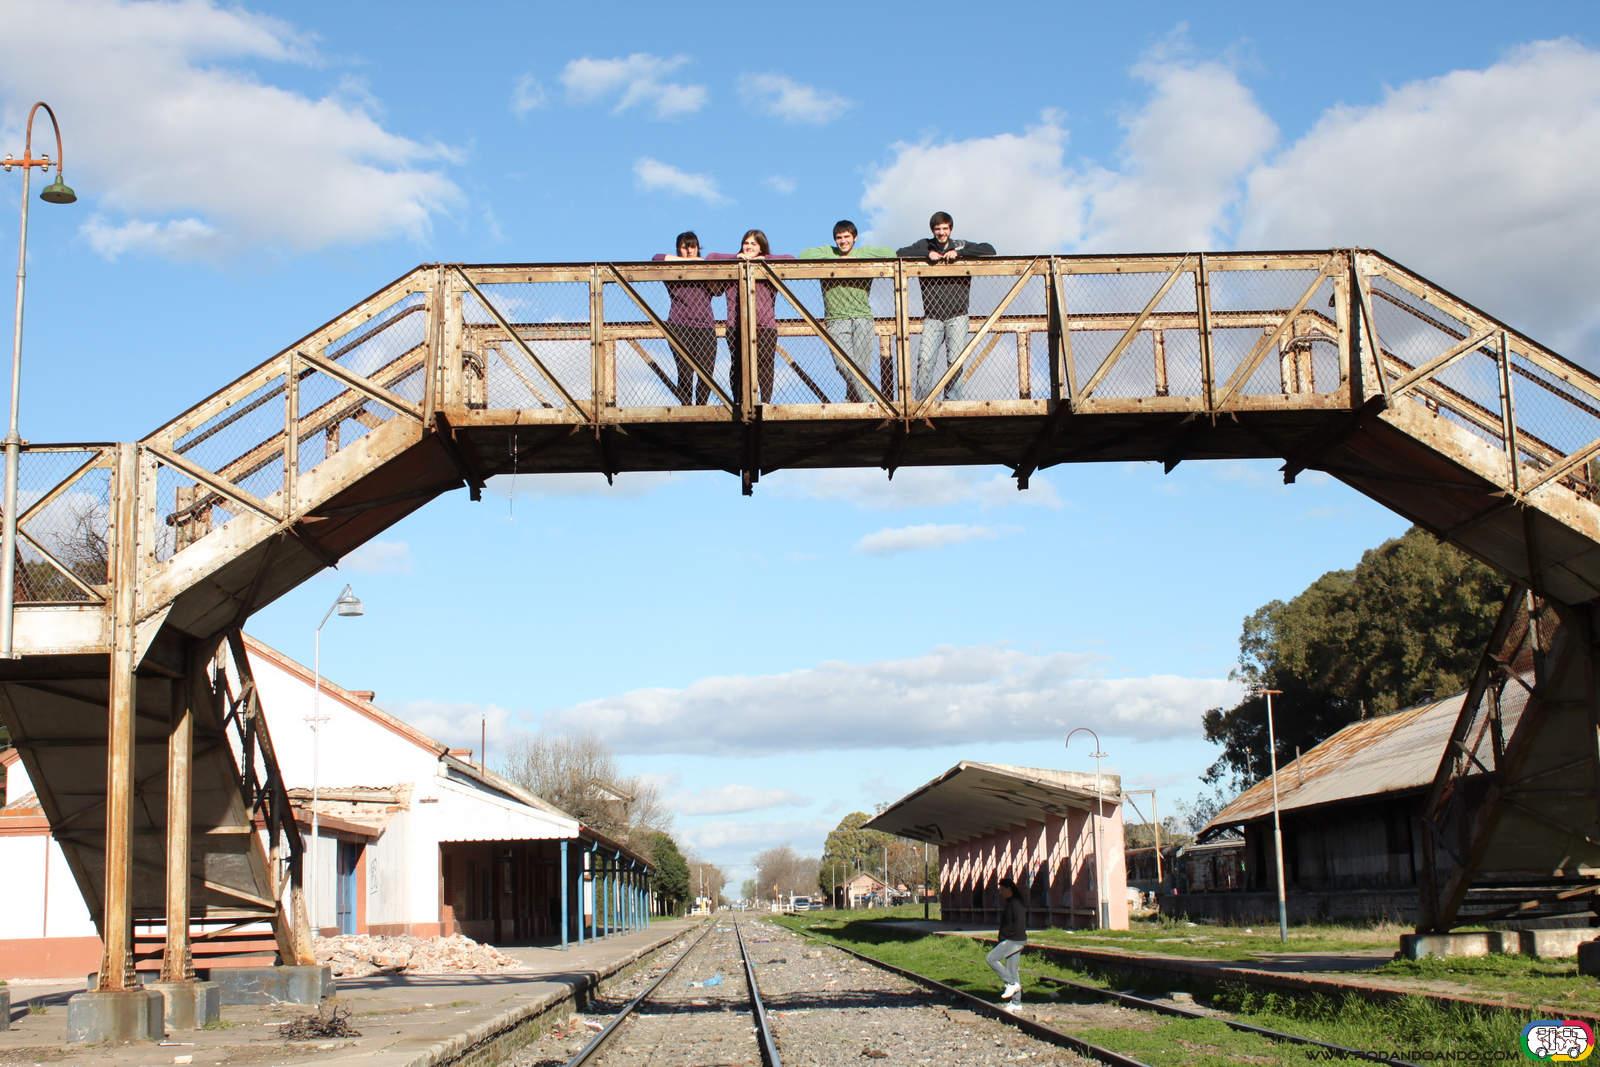 Los Cuatro en el Puente